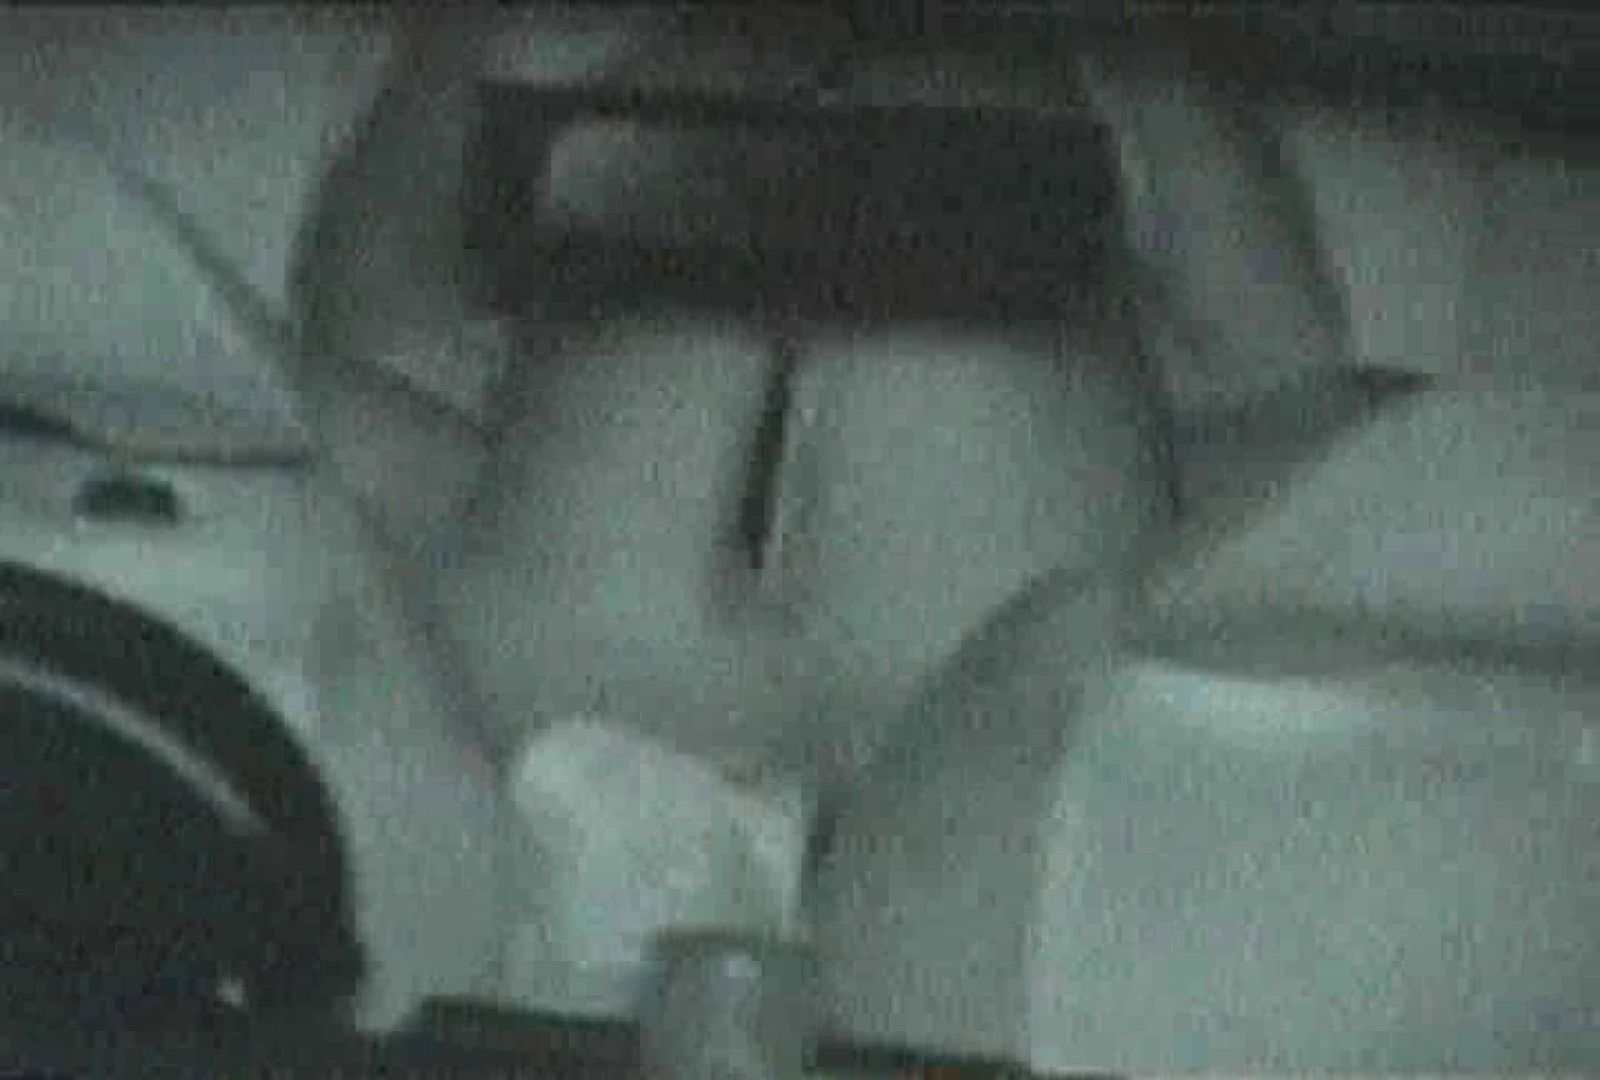 充血監督の深夜の運動会Vol.99 ギャルの実態 盗撮エロ画像 80pic 54